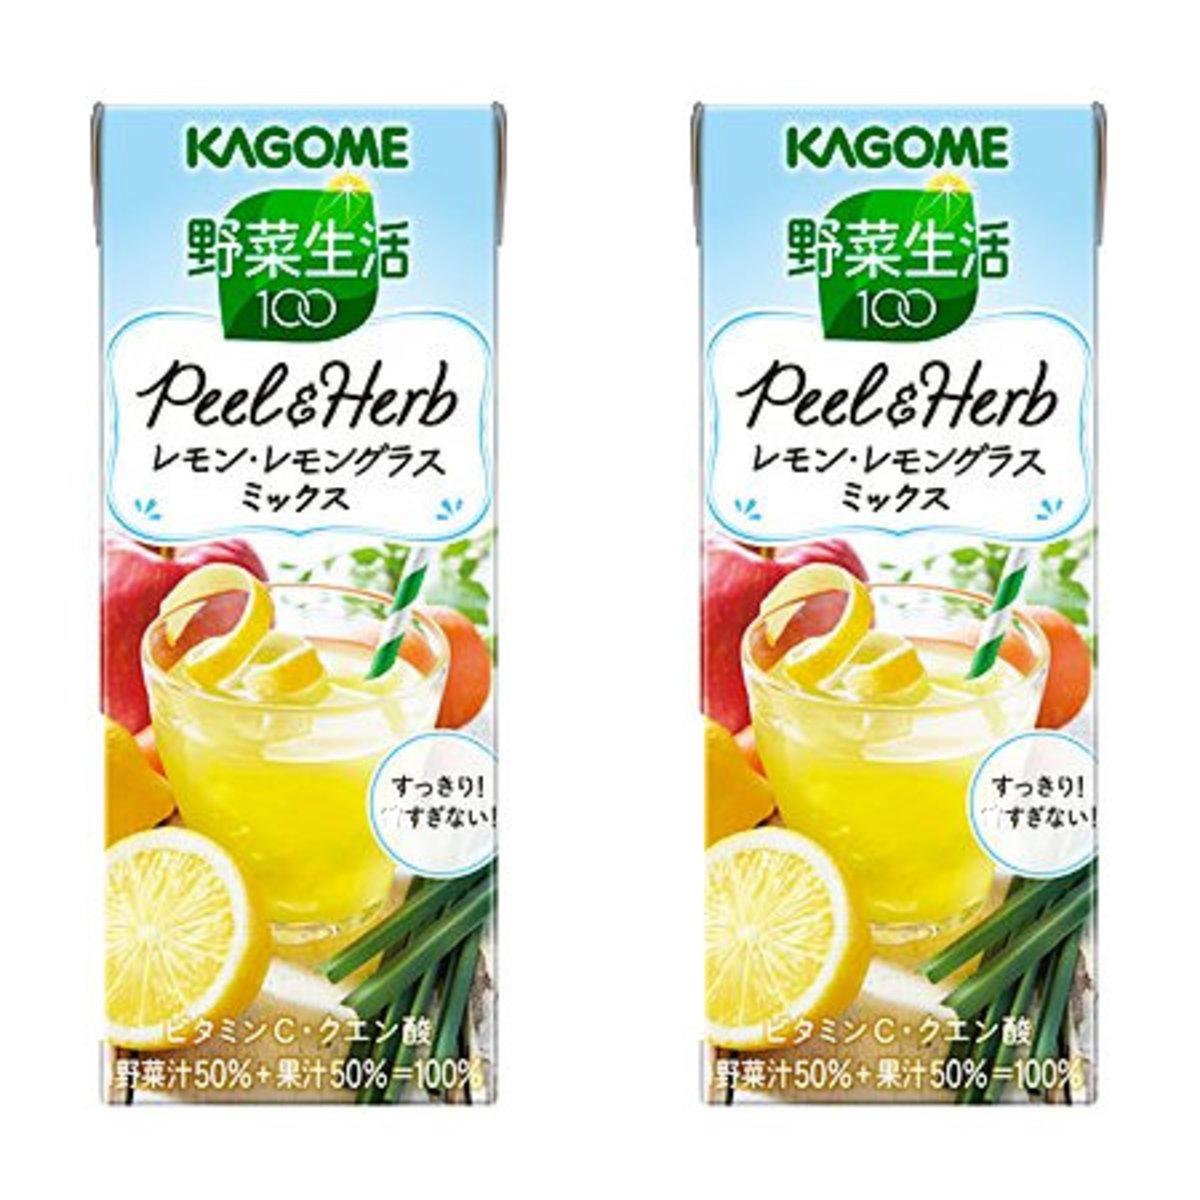 100% Peel&Herb Lemon Juice 195ml x 2  (4901306072851_2) Best Before:13/4/2020